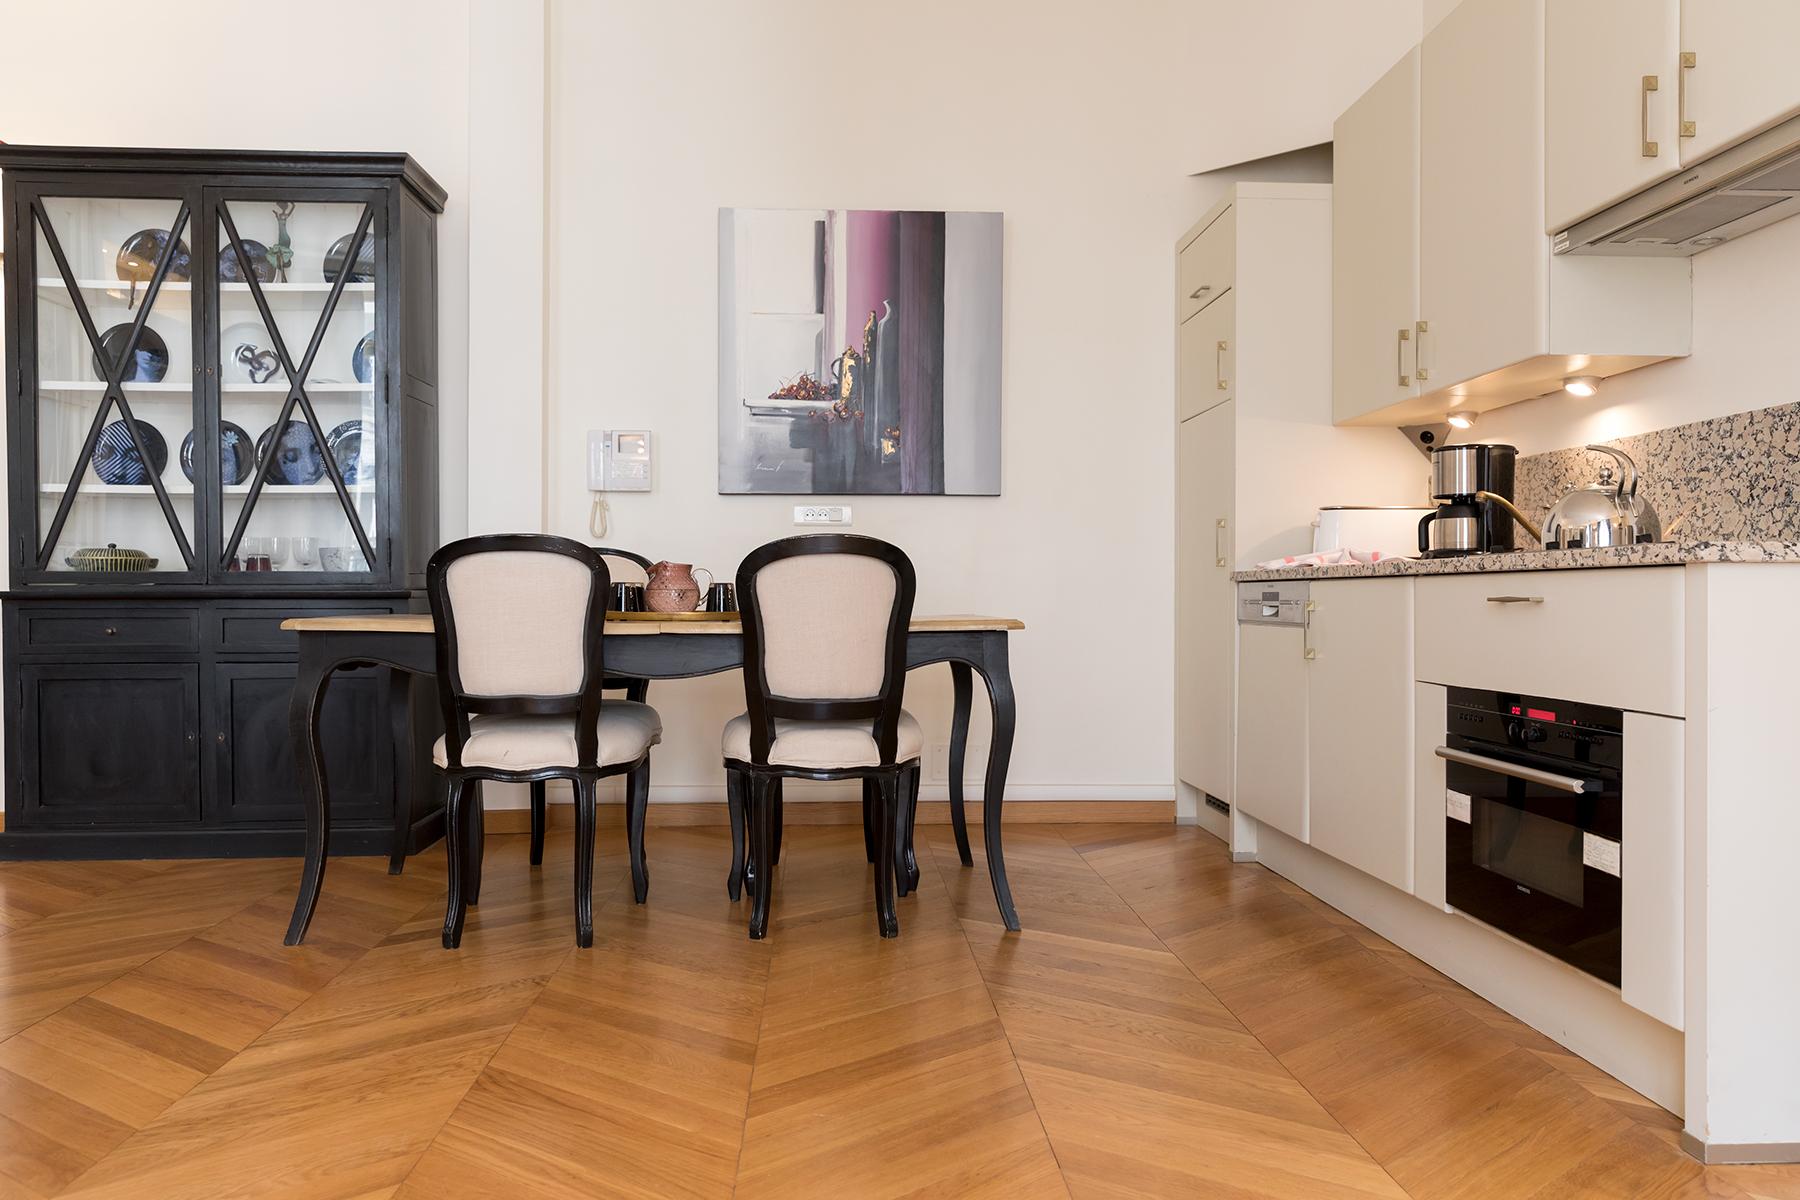 Kitchen at Apartment Monceau Chic, 9th Arr, Paris